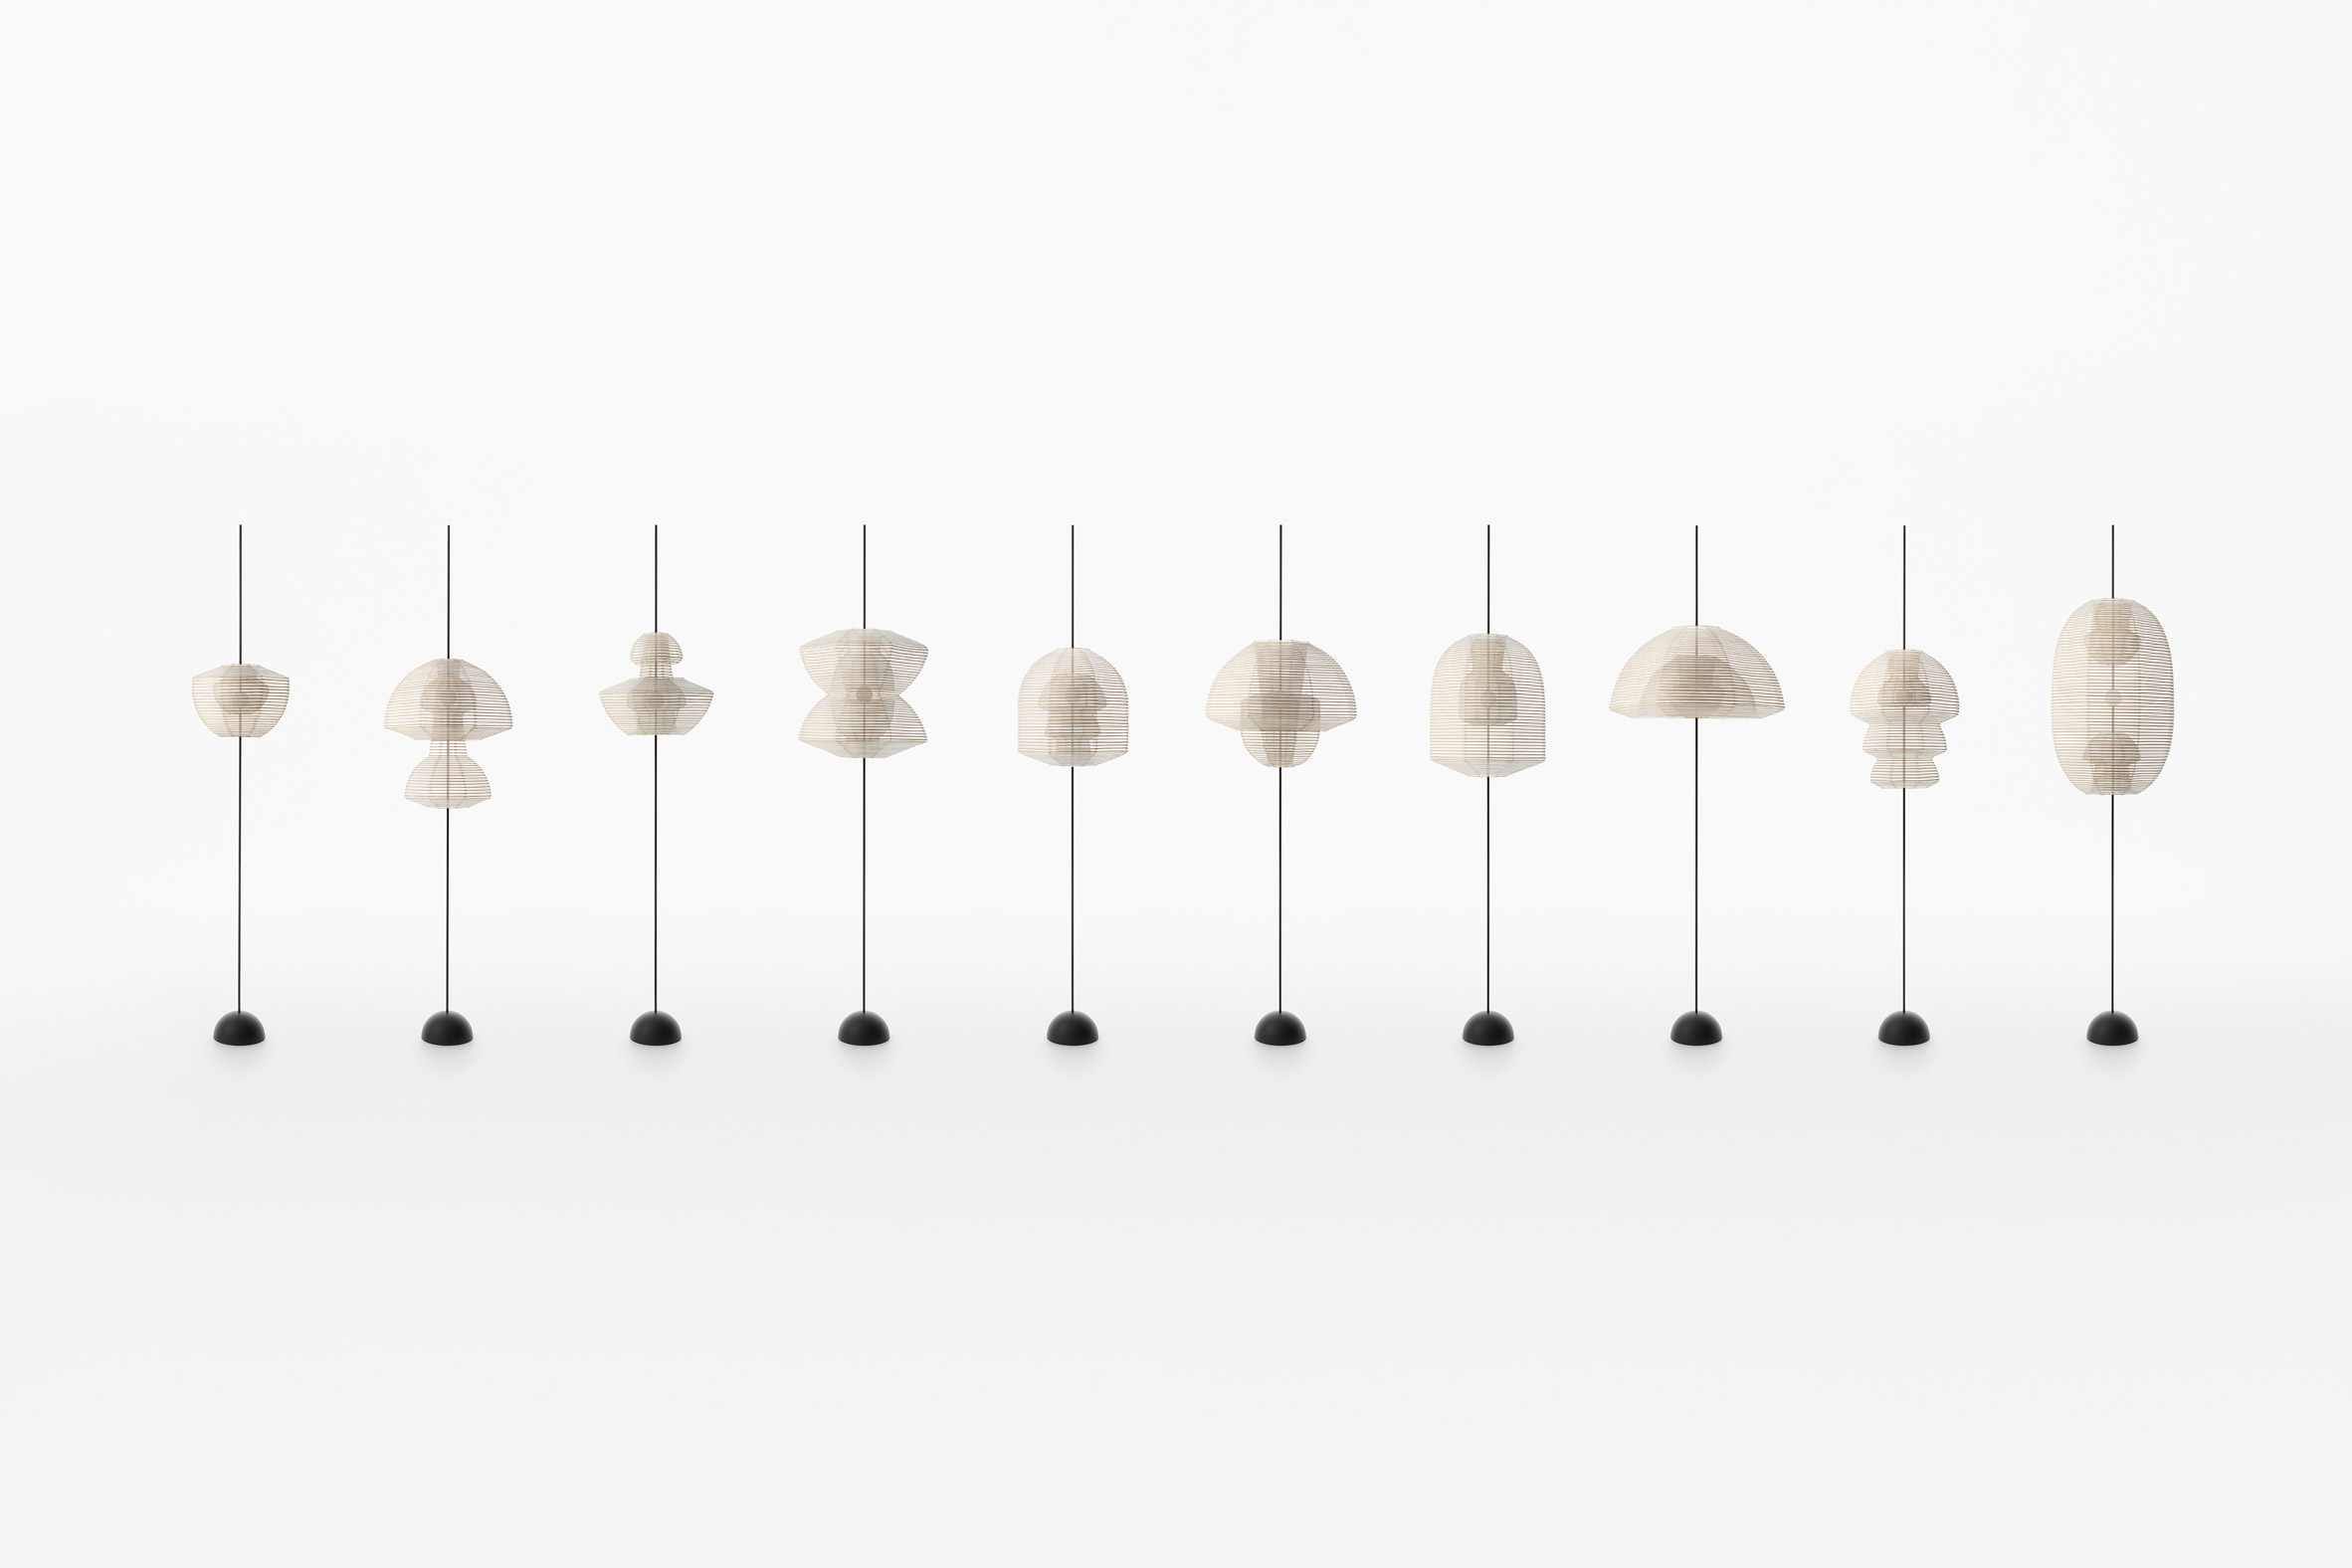 Reversible Kyoto paper lanterns